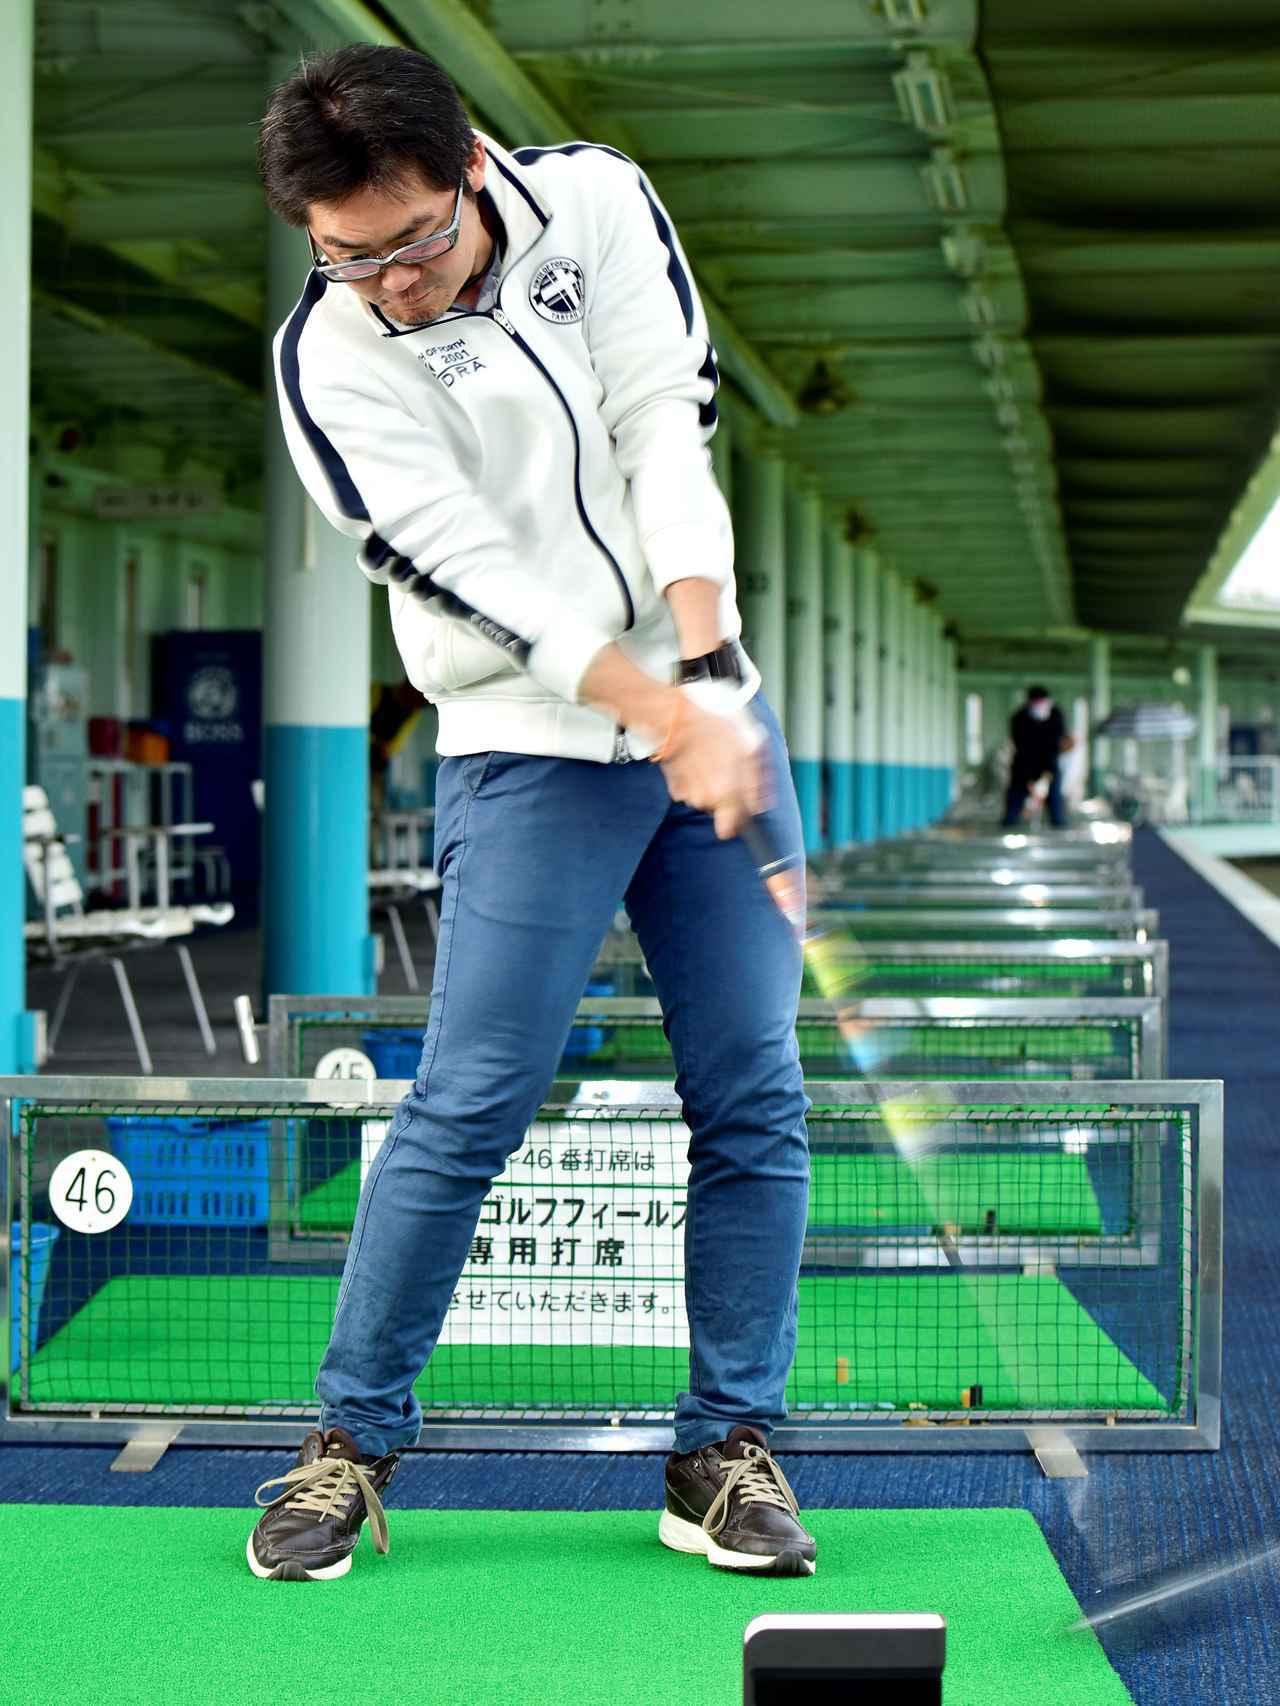 画像: 【試打・感想】小倉勇人 クラブに対するディープな視点と的確なコメントに定評があり。千葉のユニオンゴルフ店店長であり、クラブフィッターも務める。5下シングルの技量を持つ、目利きクラフトマン